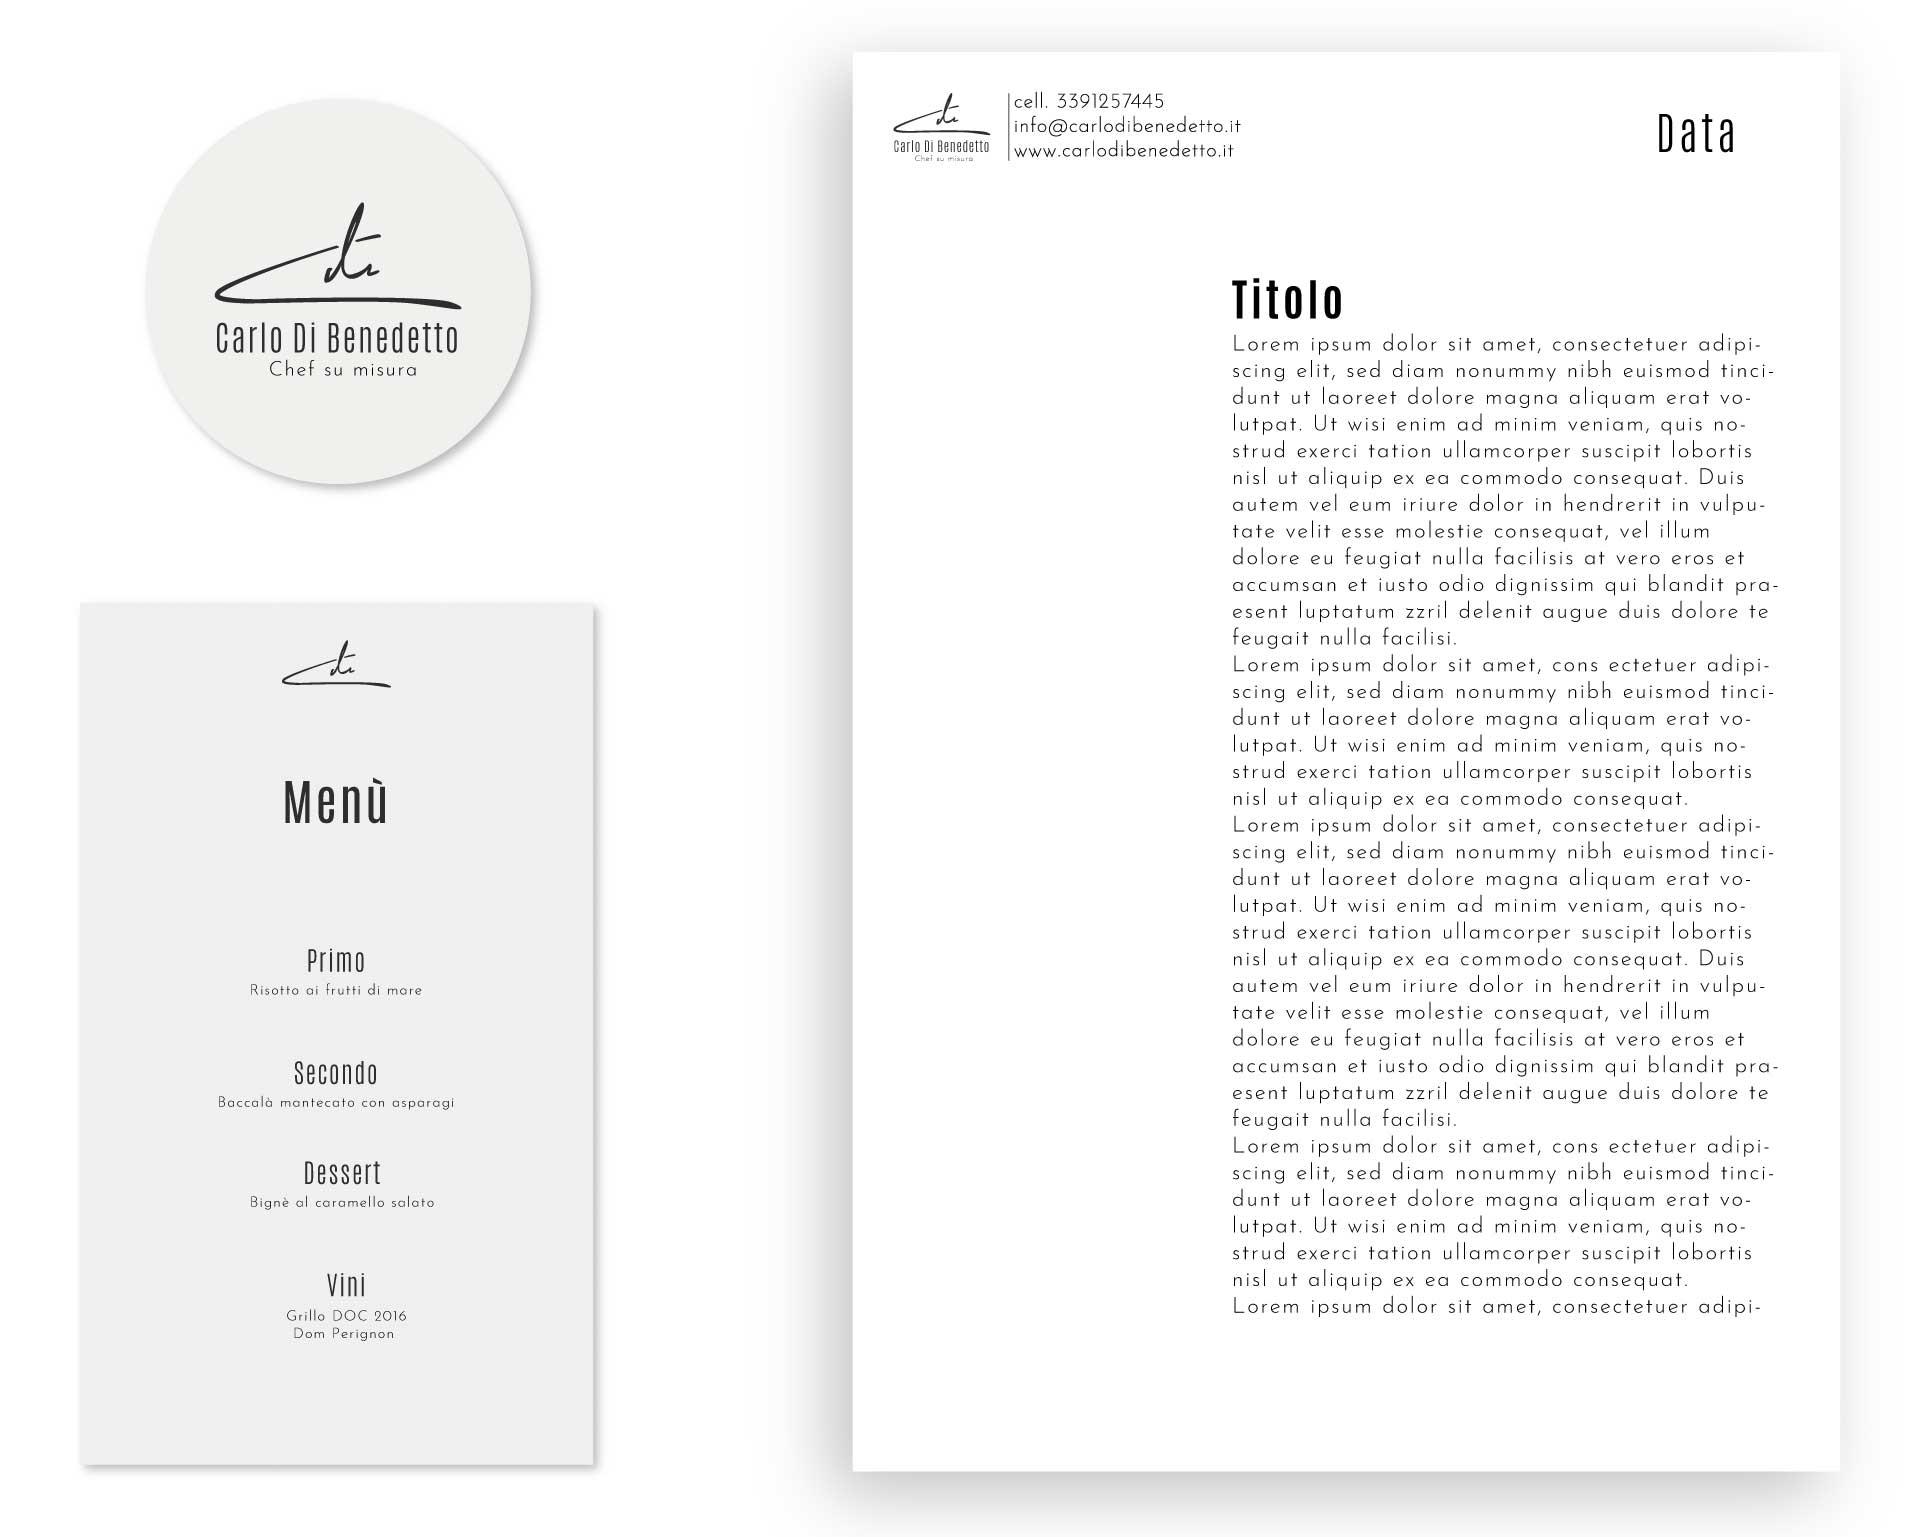 applicazioni carlo dibenedetto chef branding logo moodmama portfolio